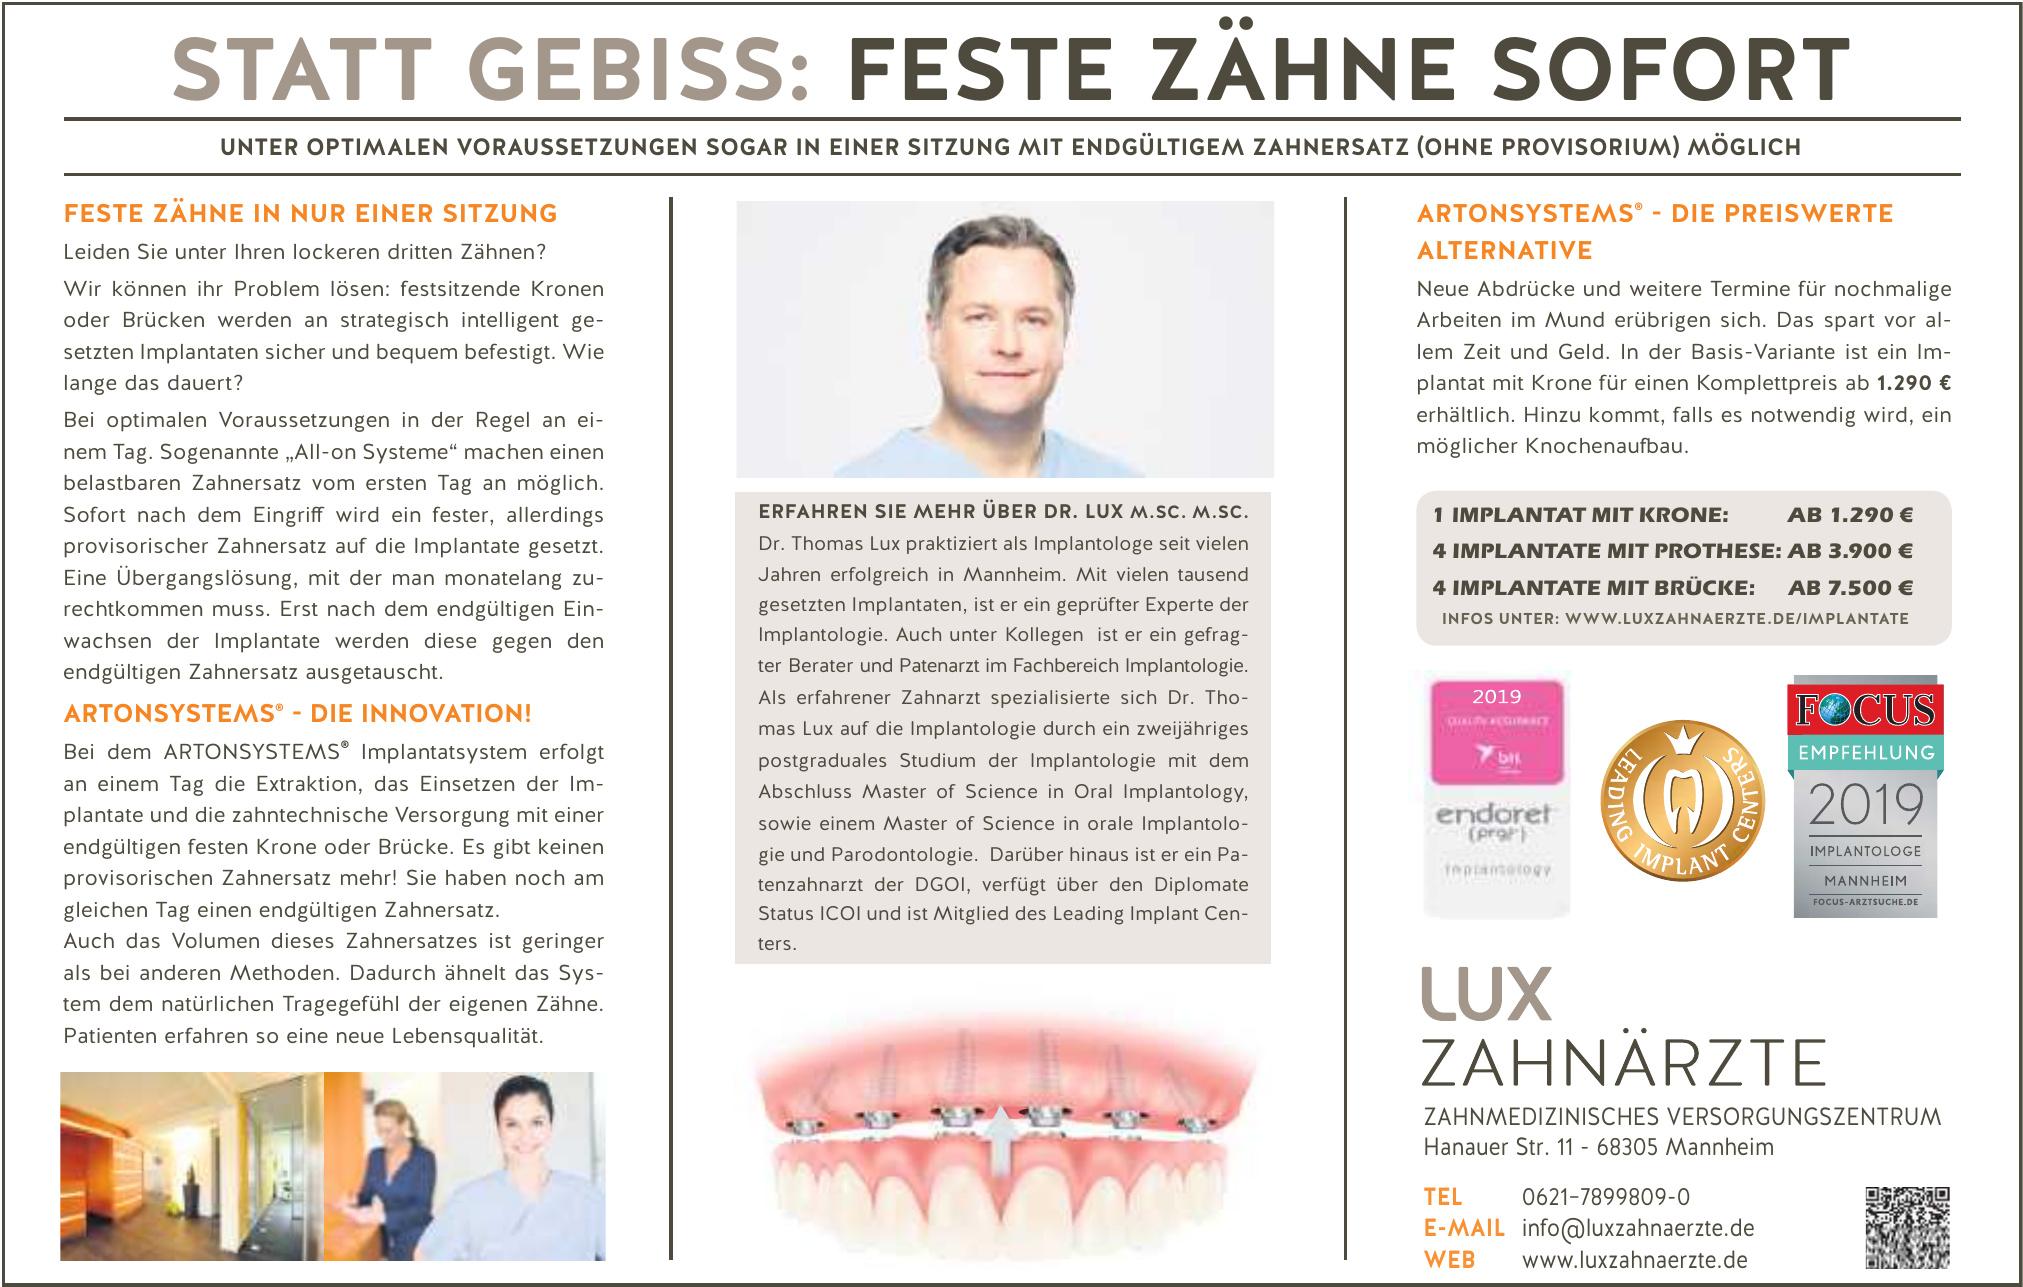 Lux Zahnärzte